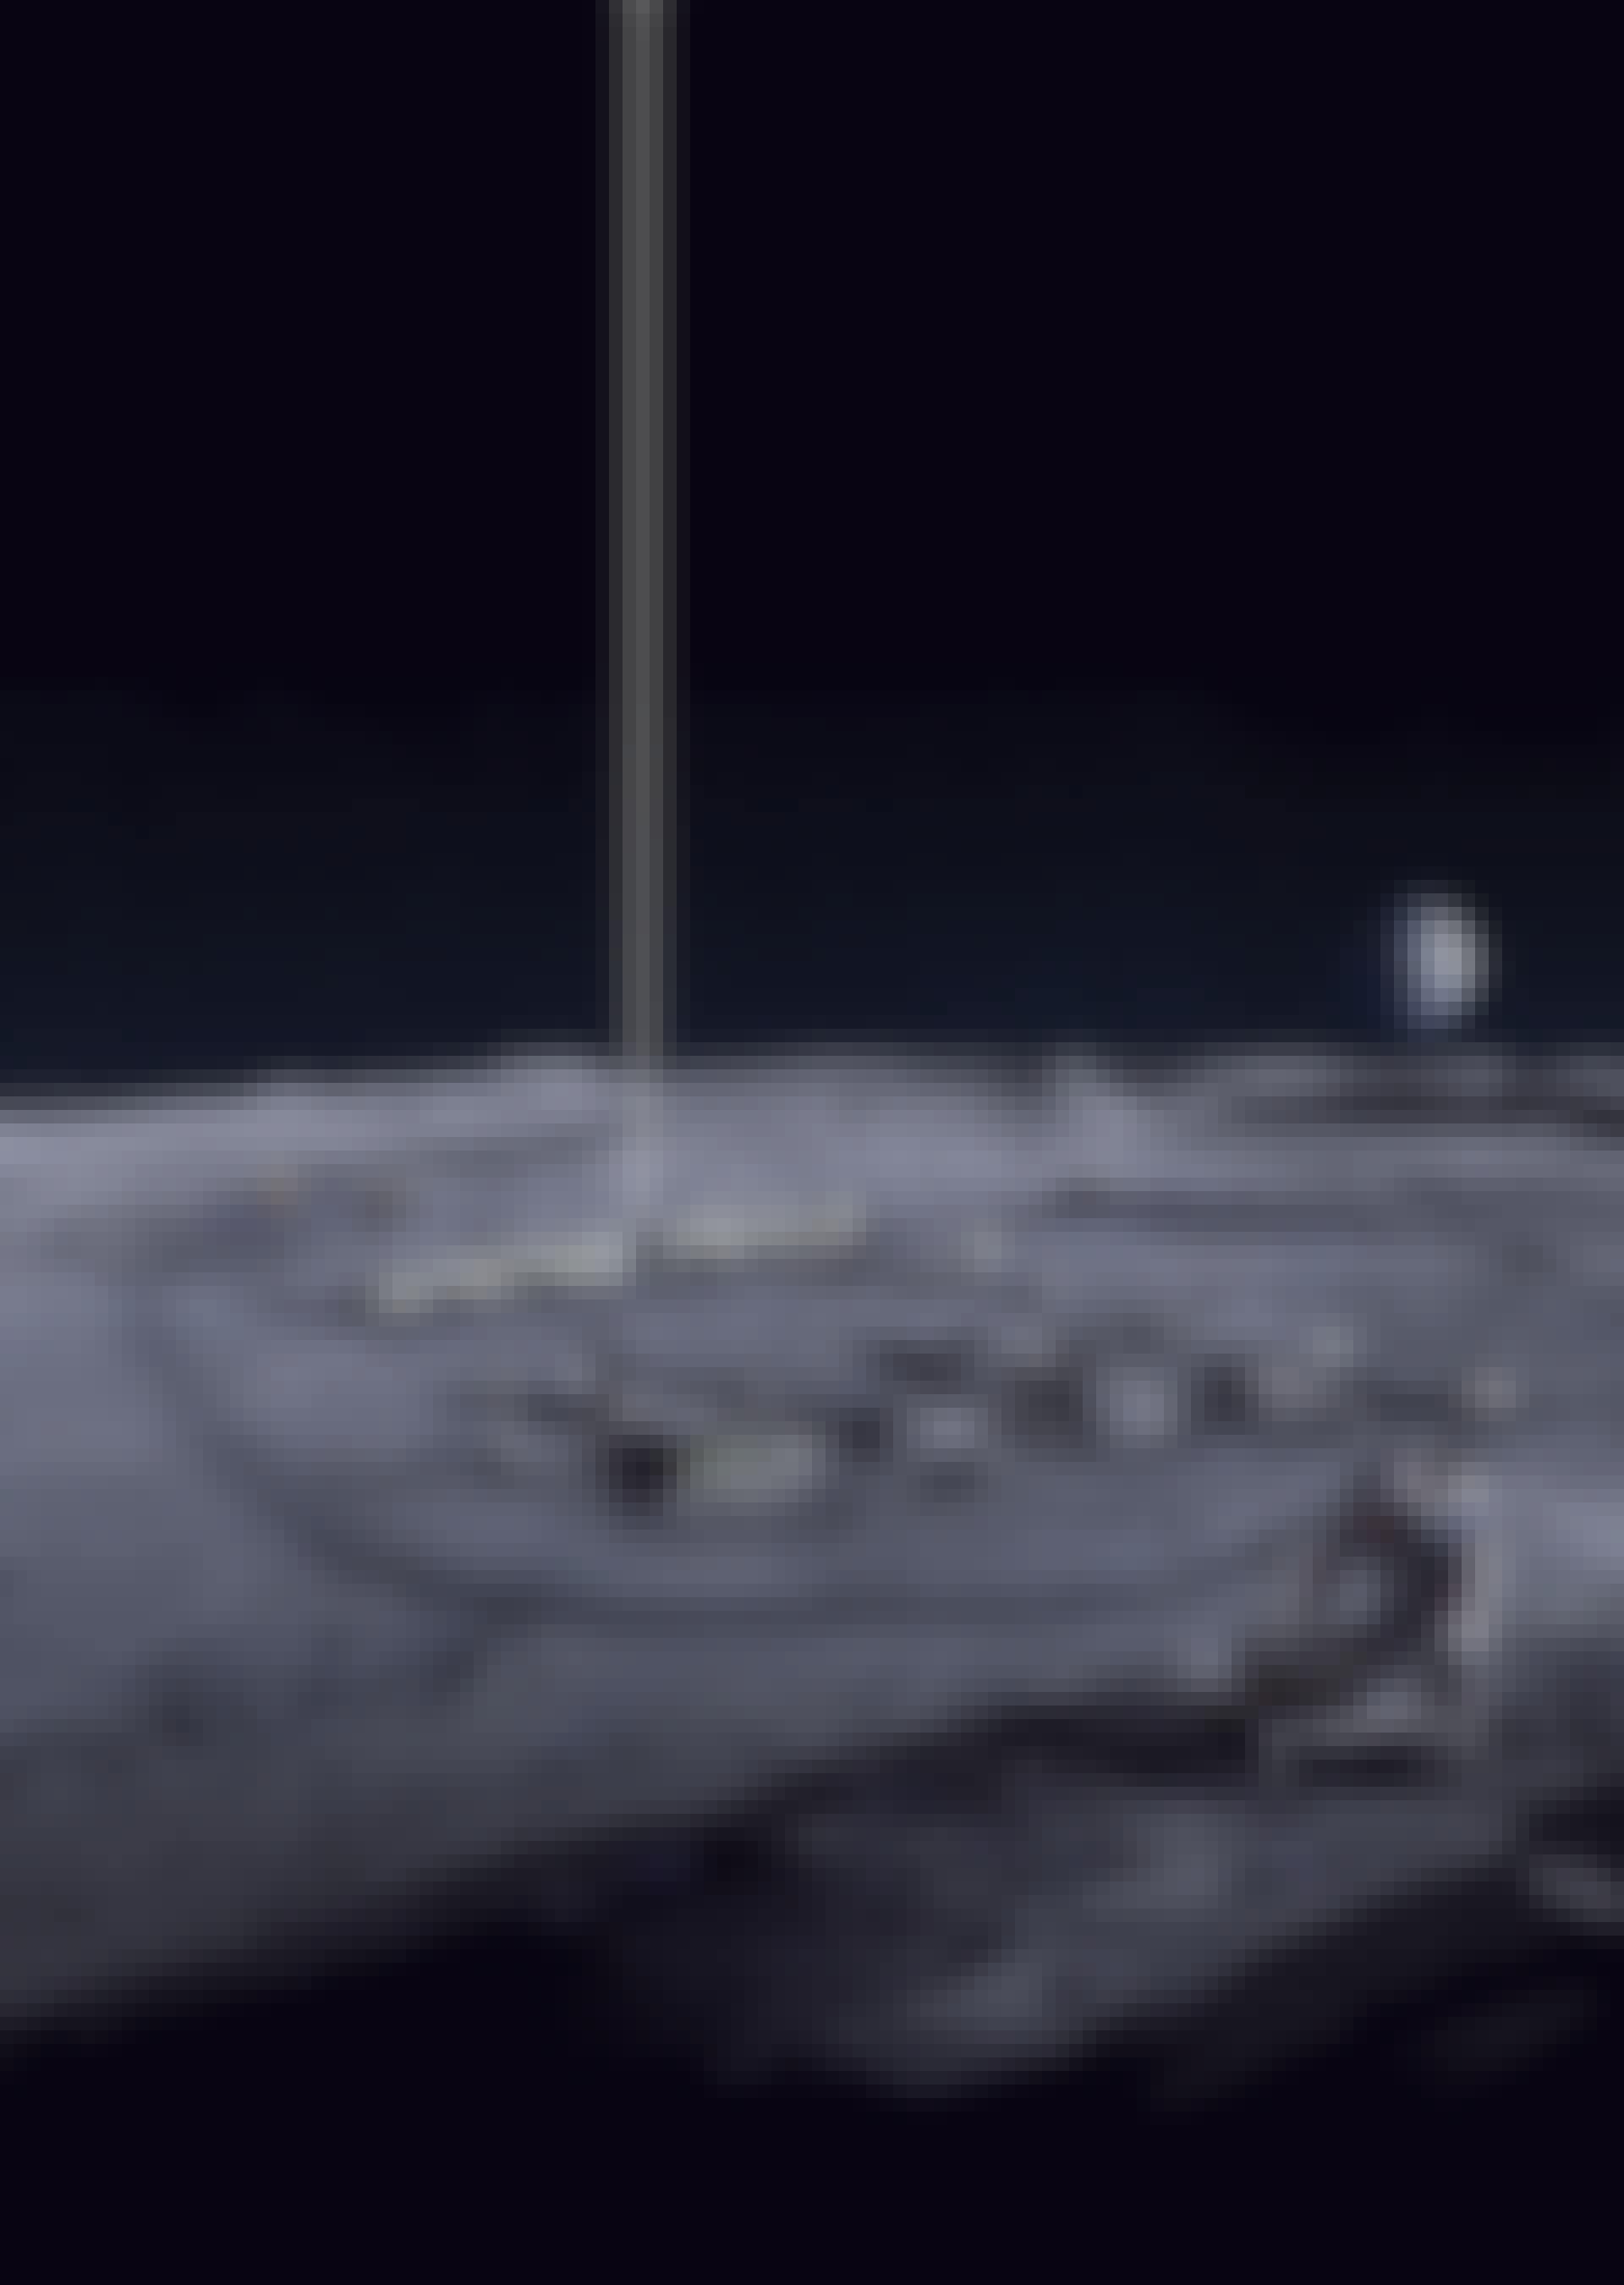 Månebase - energi